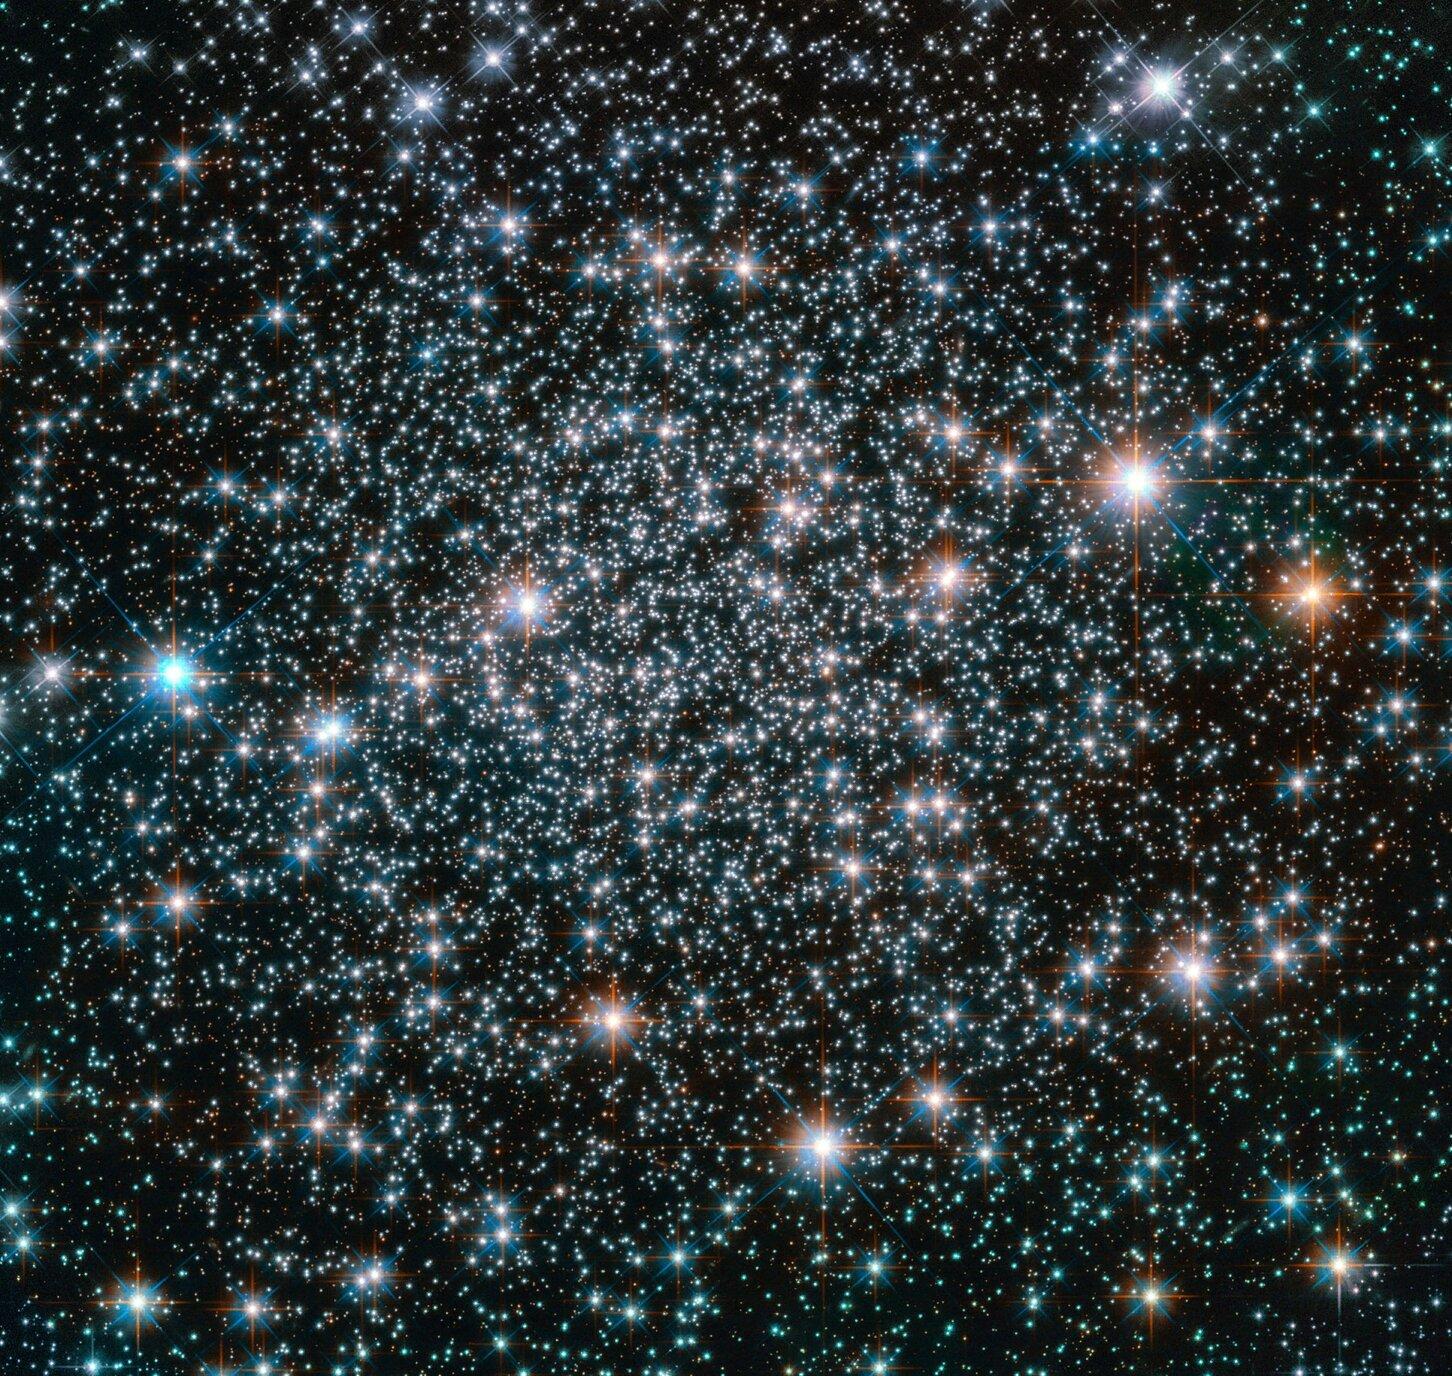 звезды космос фотографии приток амура тоже